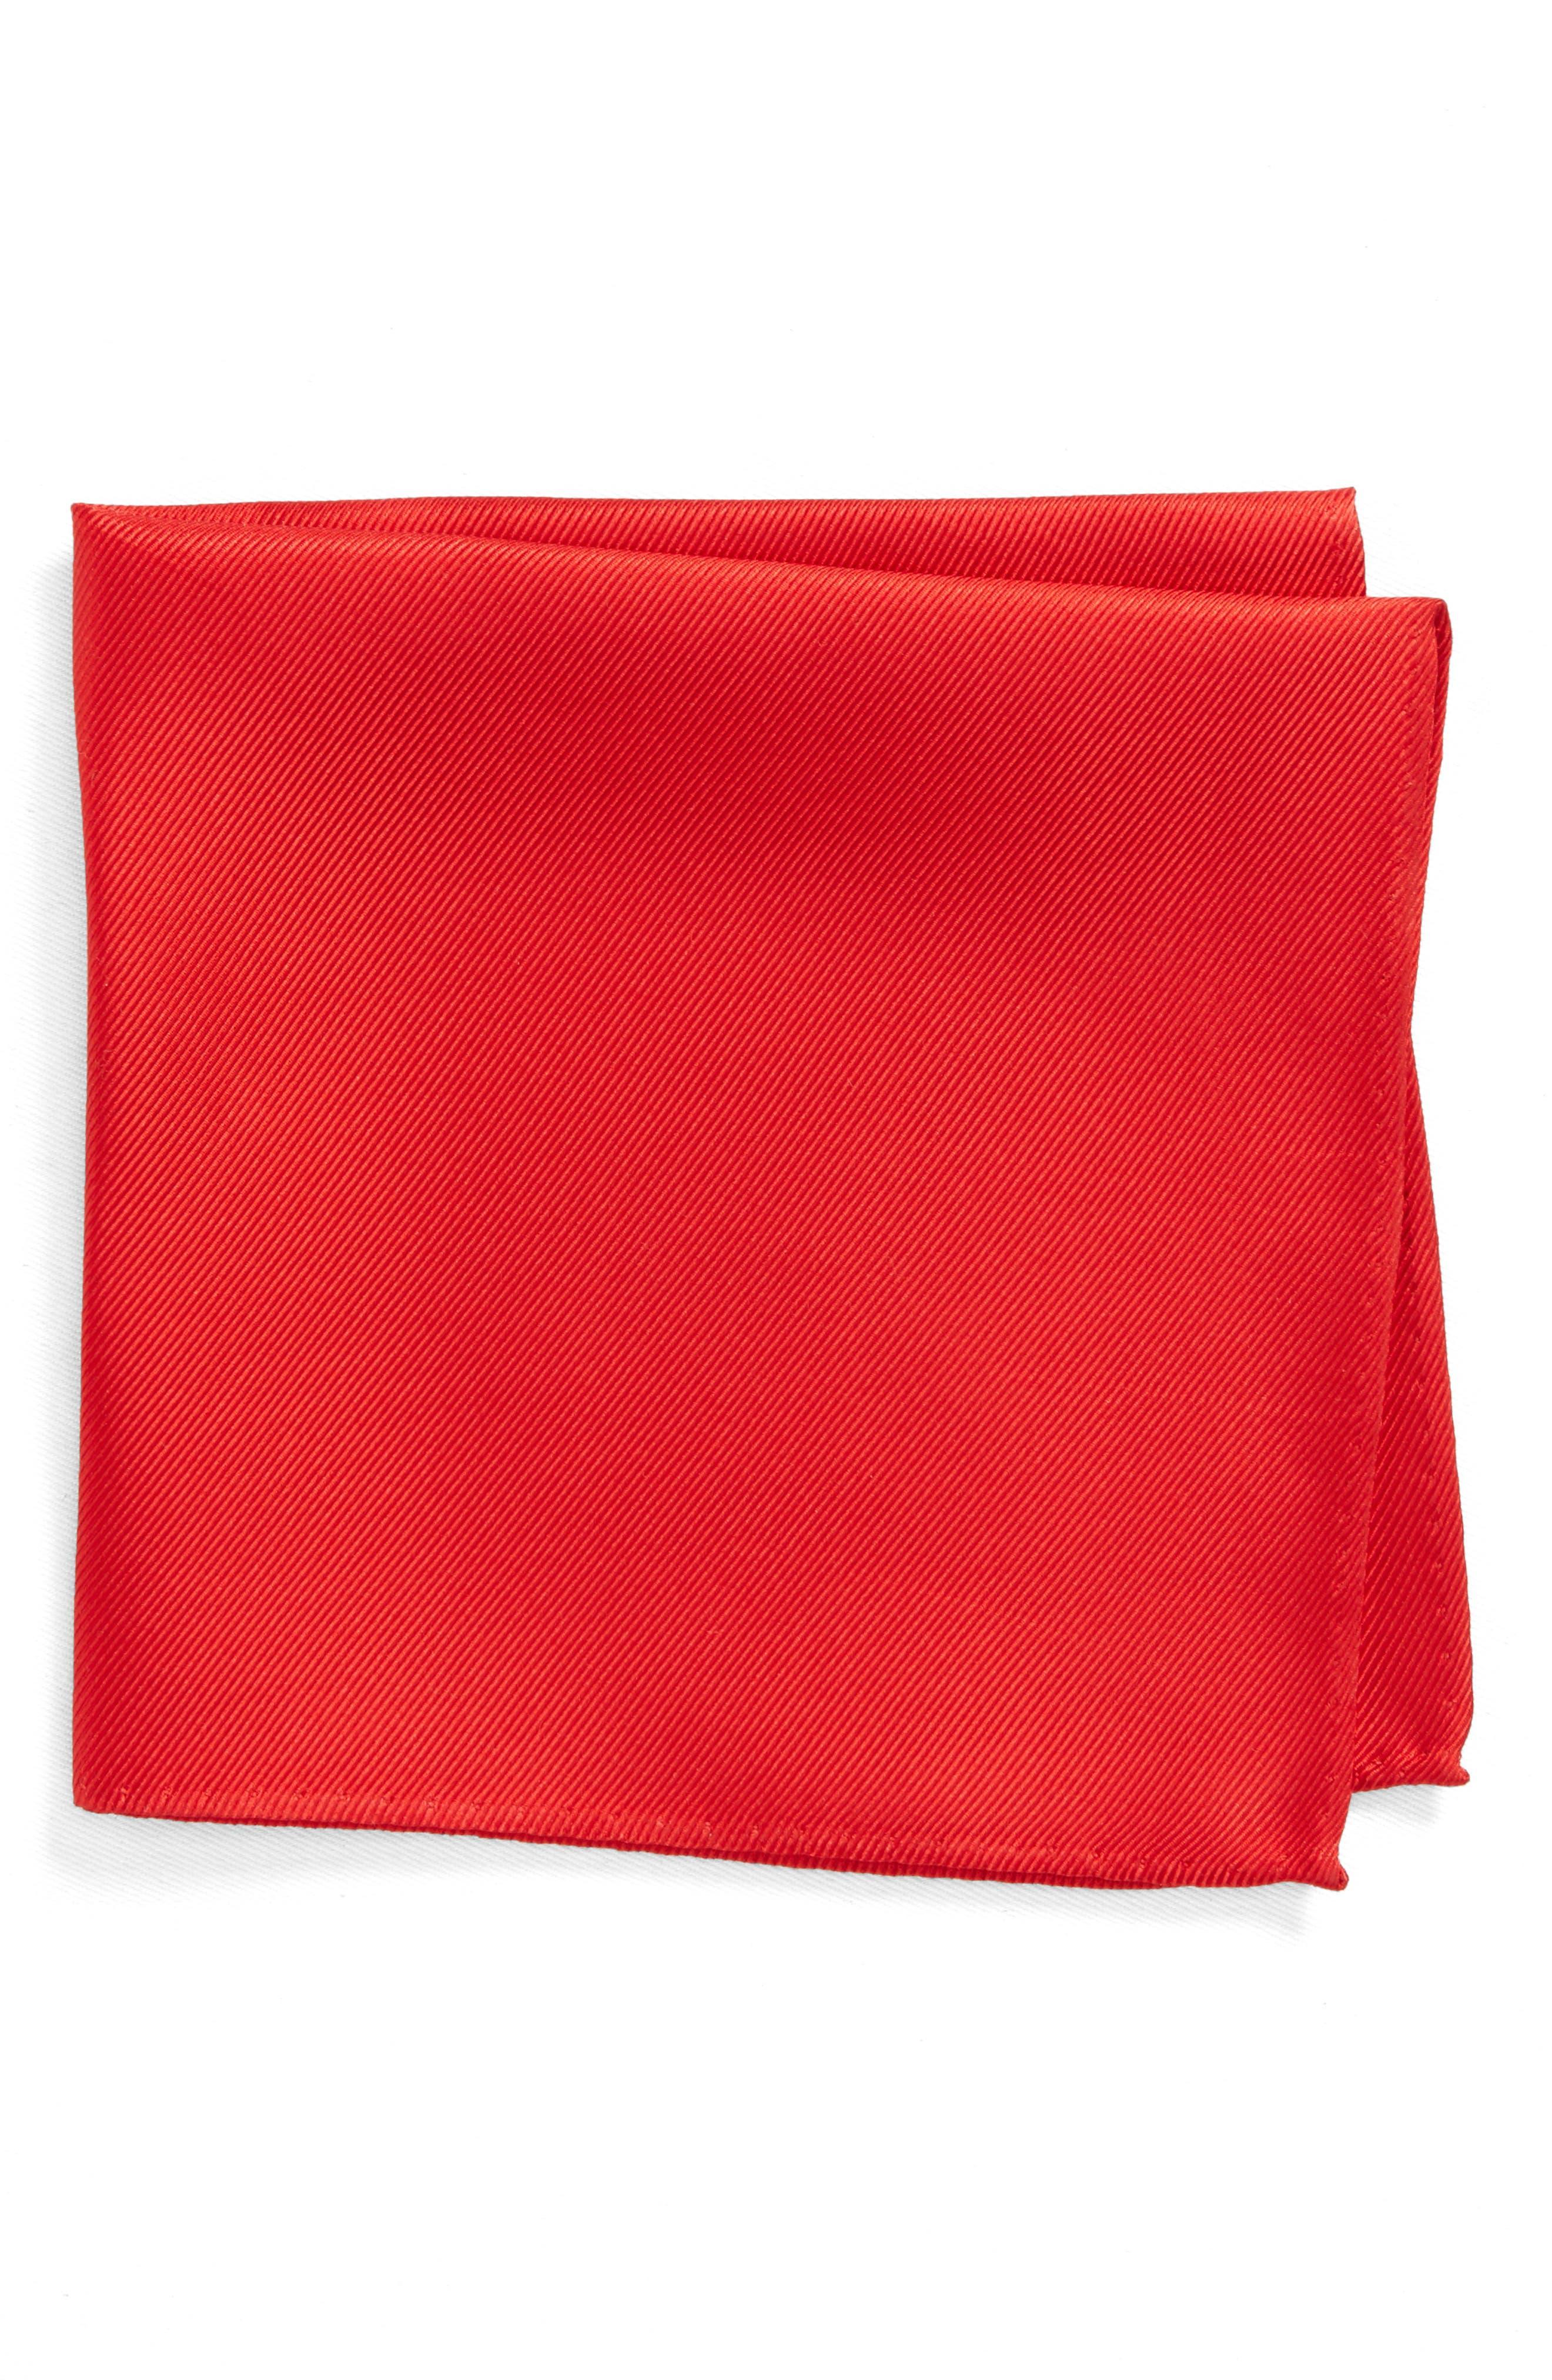 Alternate Image 1 Selected - Nordstrom Men's Shop King Twill Silk Pocket Square